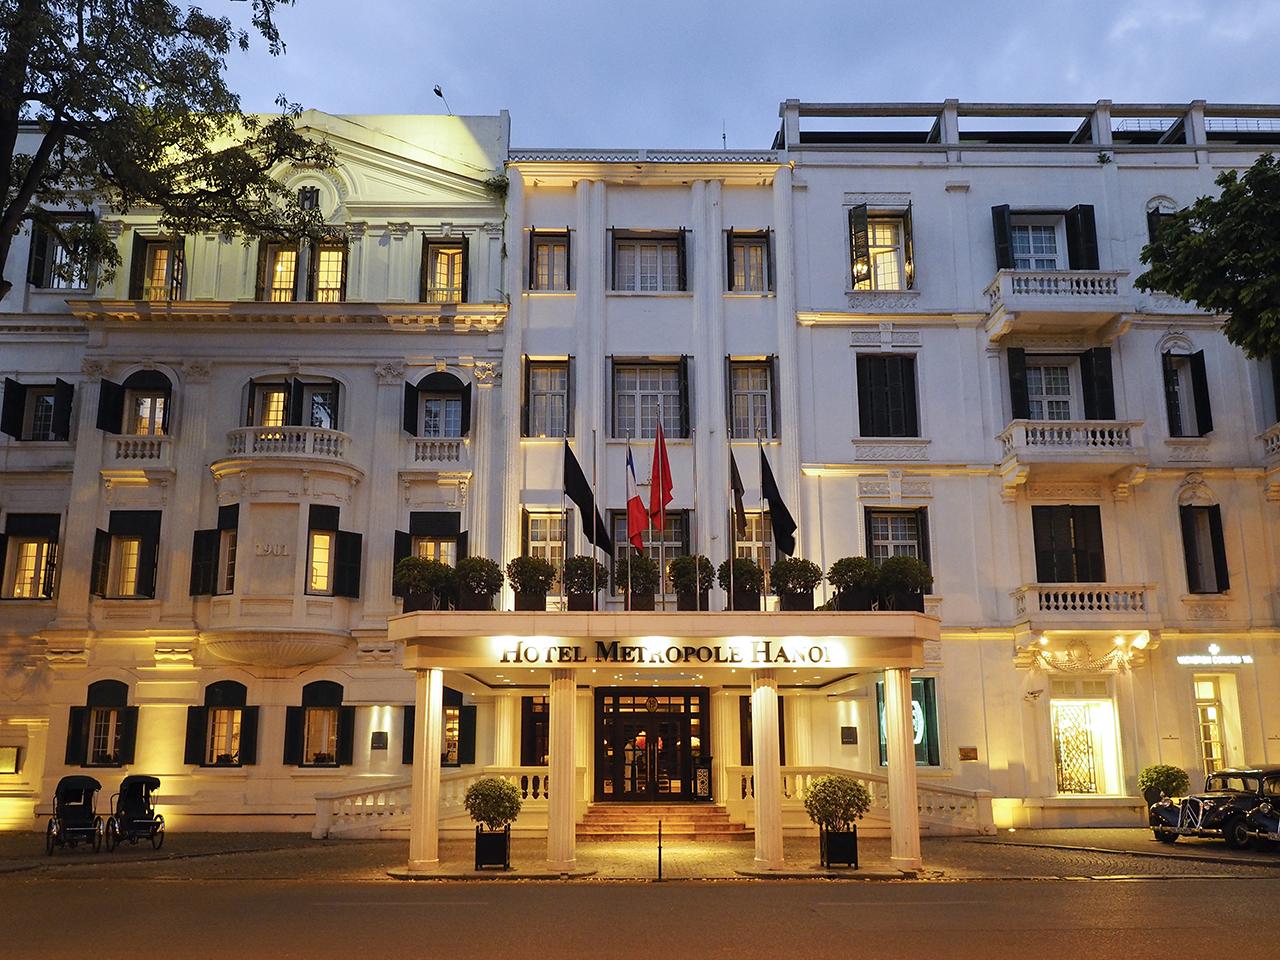 ハノイの真珠と絶賛される優雅なホテル、メトロポール_1_1